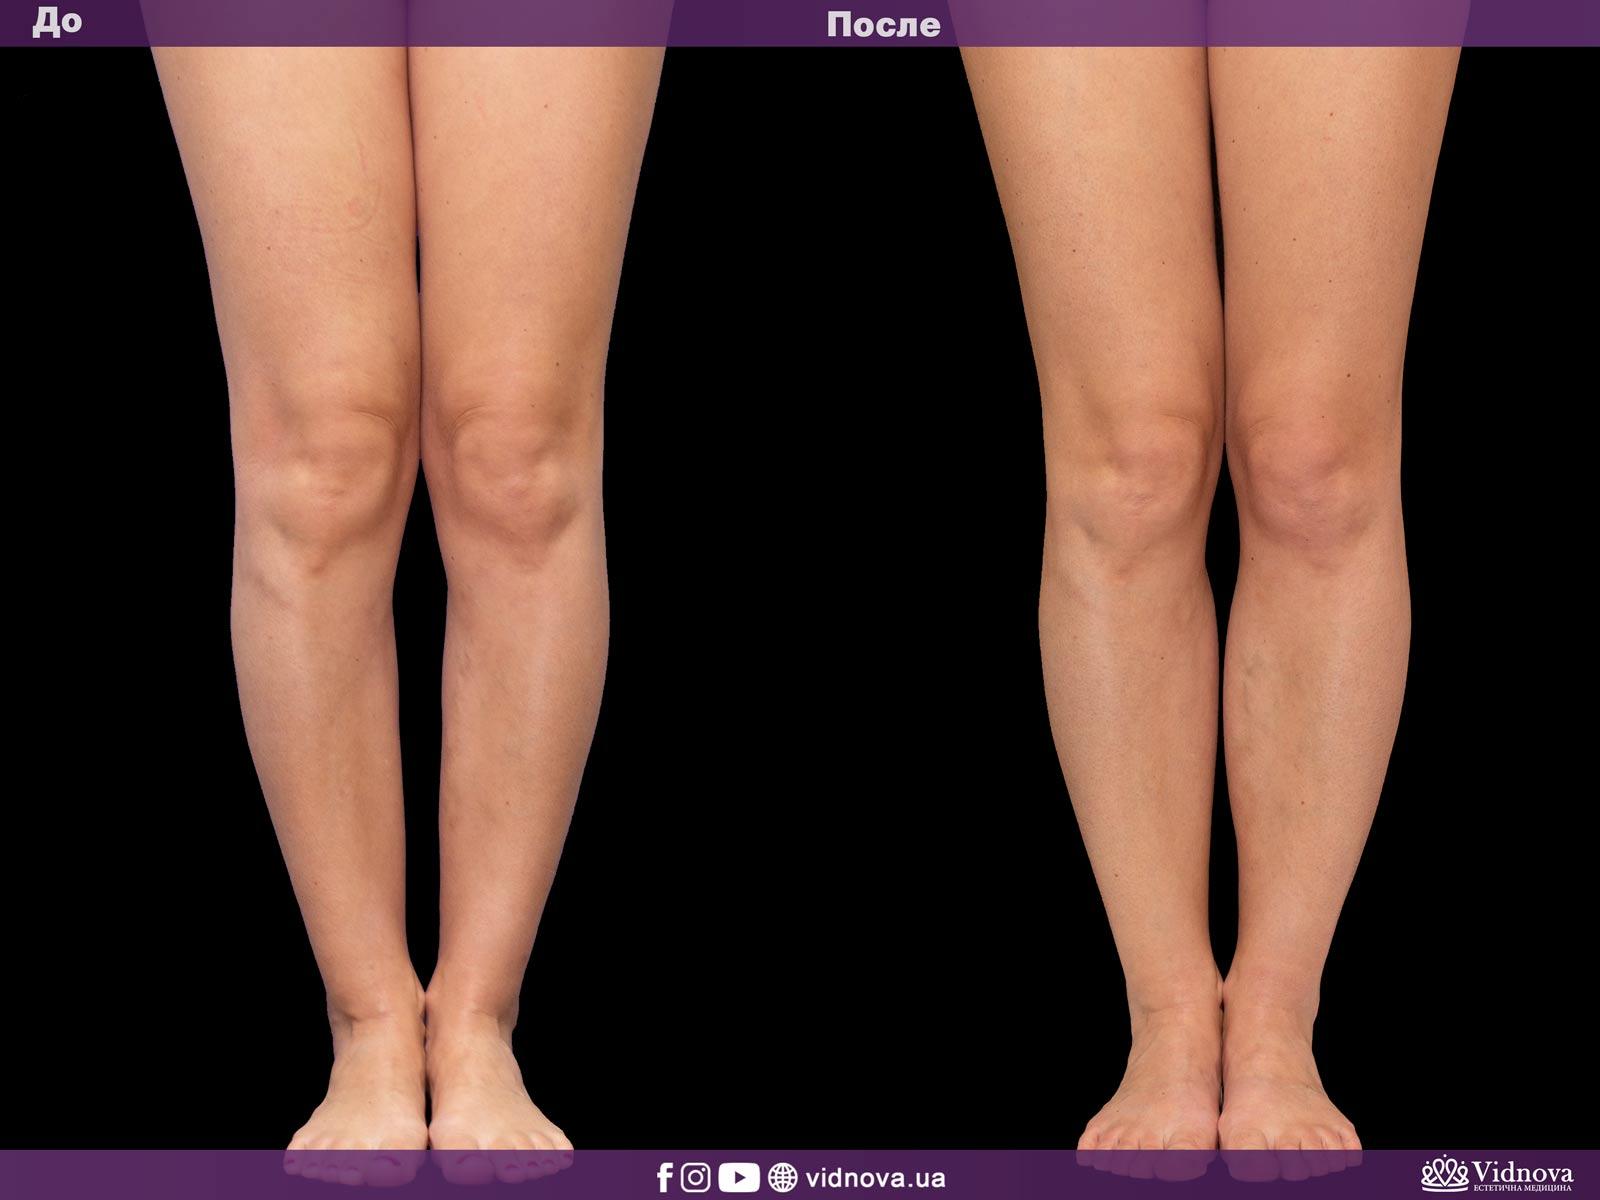 Круропластика: Фото До и После - Пример №1-1 - Клиника Vidnova